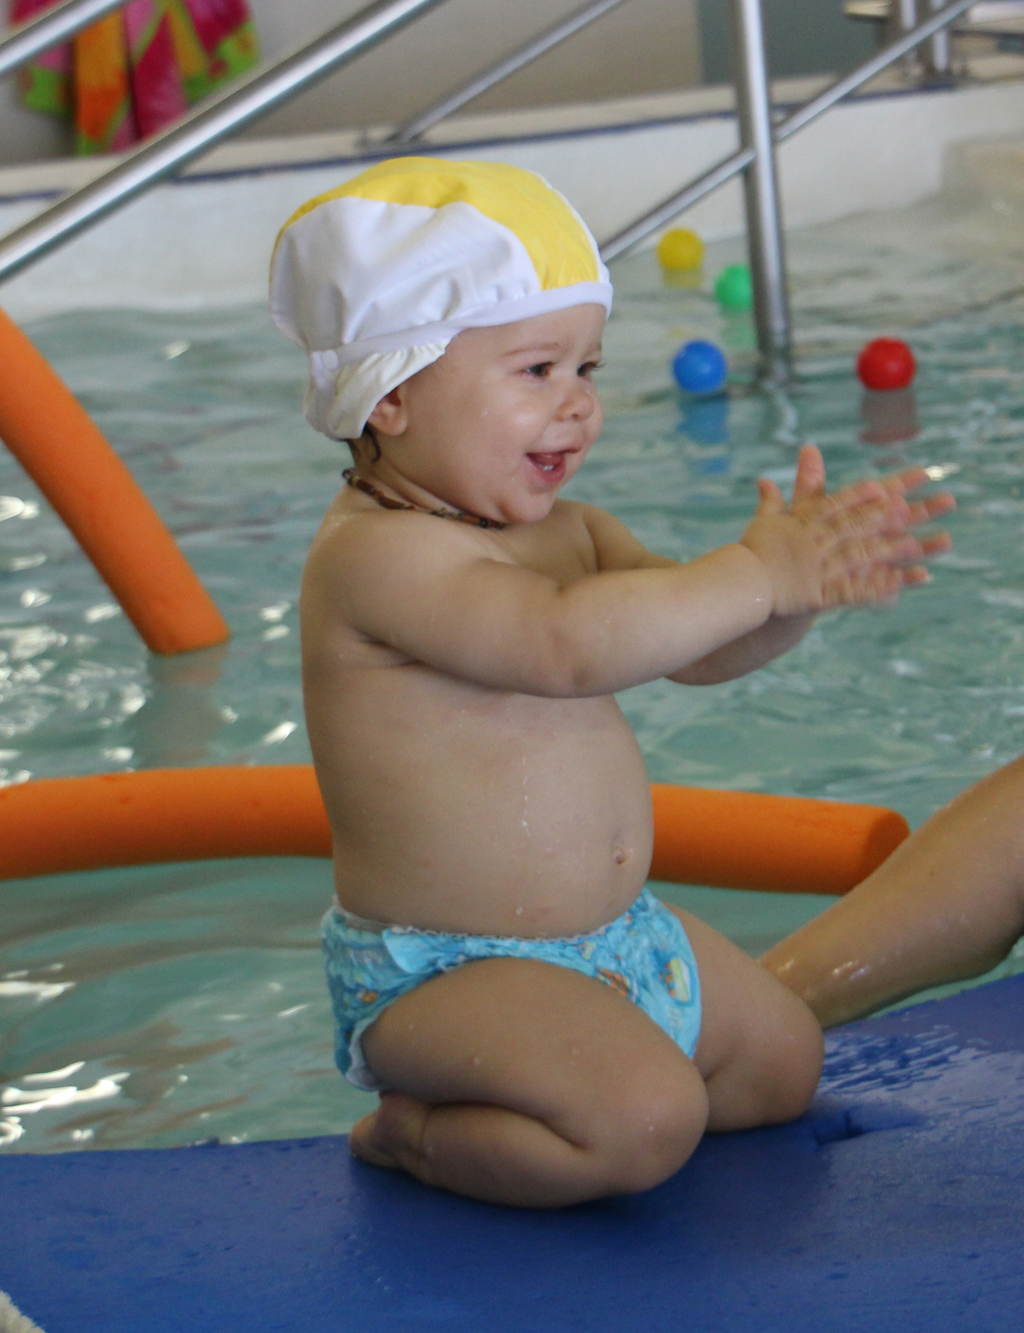 http://amoremiobello.files.wordpress.com/2012/09/baby-swimming004.jpg